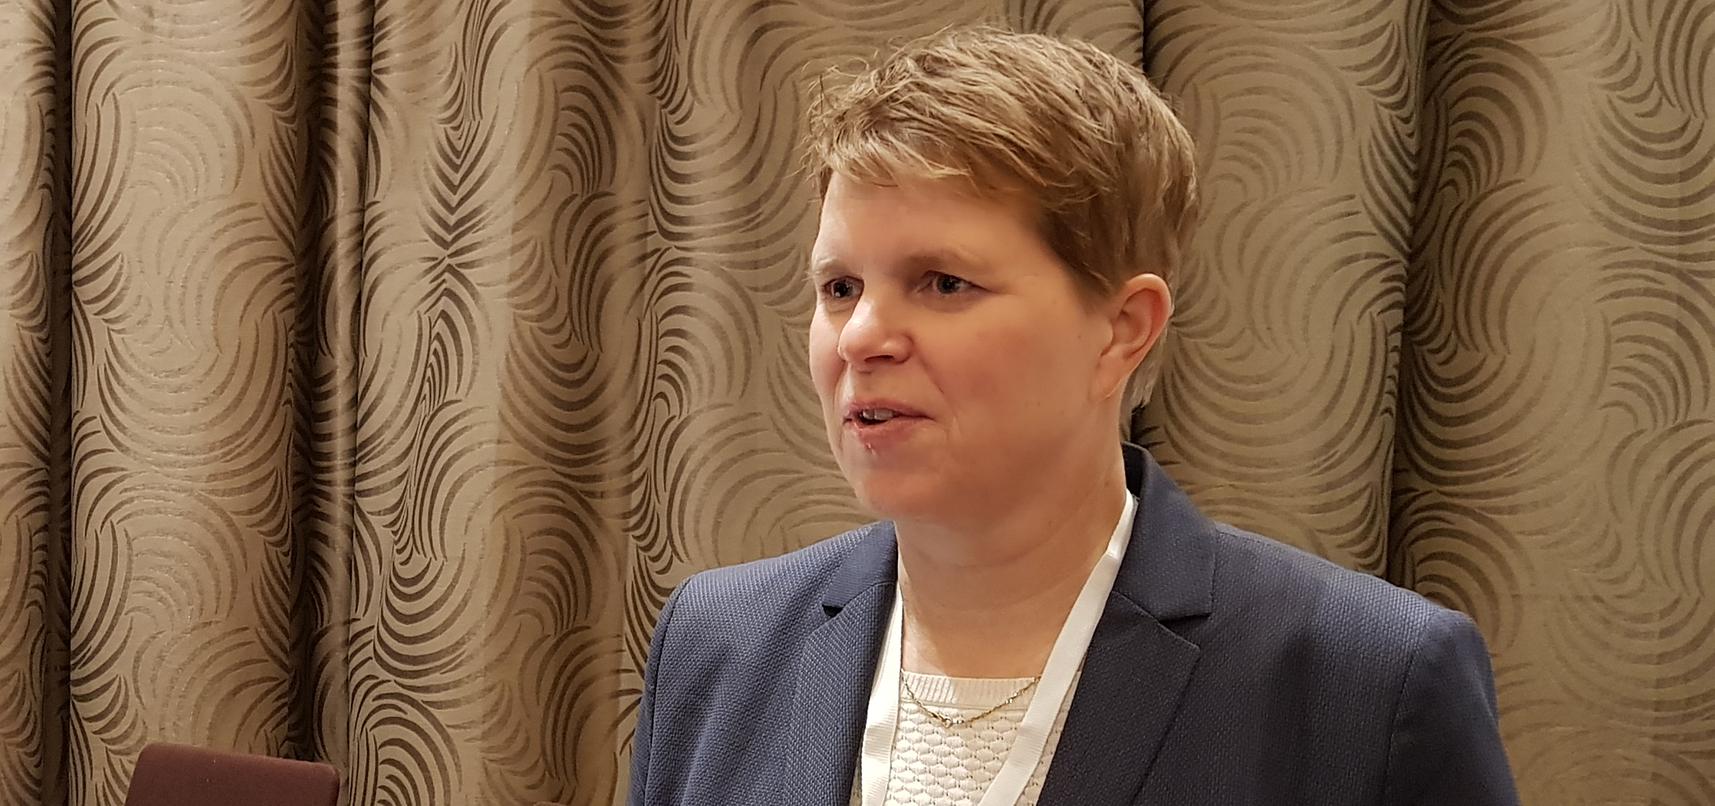 Opptur i sikte? Kommunalråd Ingrid Skjøtskift (H) tror på et solid oppsving for teknologibransjen i Trondheimsregionen frem mot 2025.